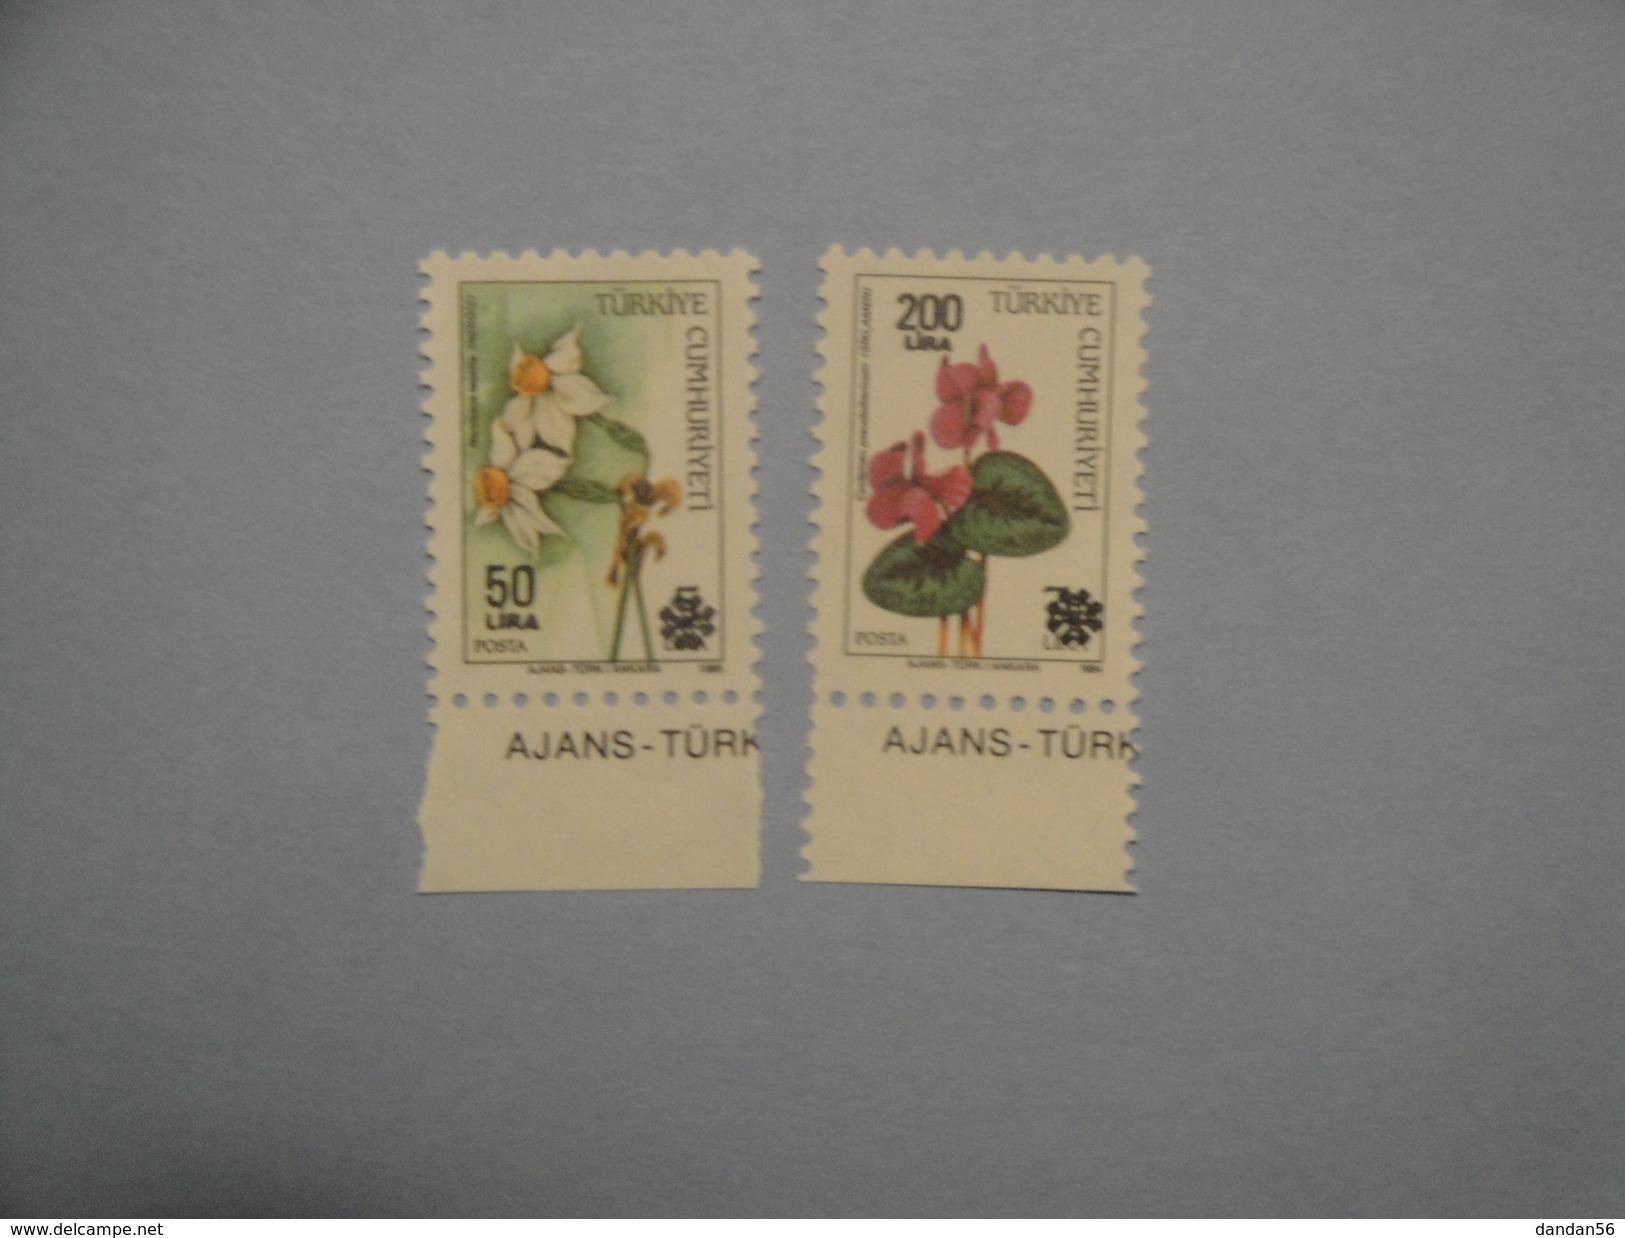 1990 Turquie  Yv 2626 + 2628 ** Fleurs Flowers  Scott Xx  Michel 1880 + 1882  SG Xxx - Neufs